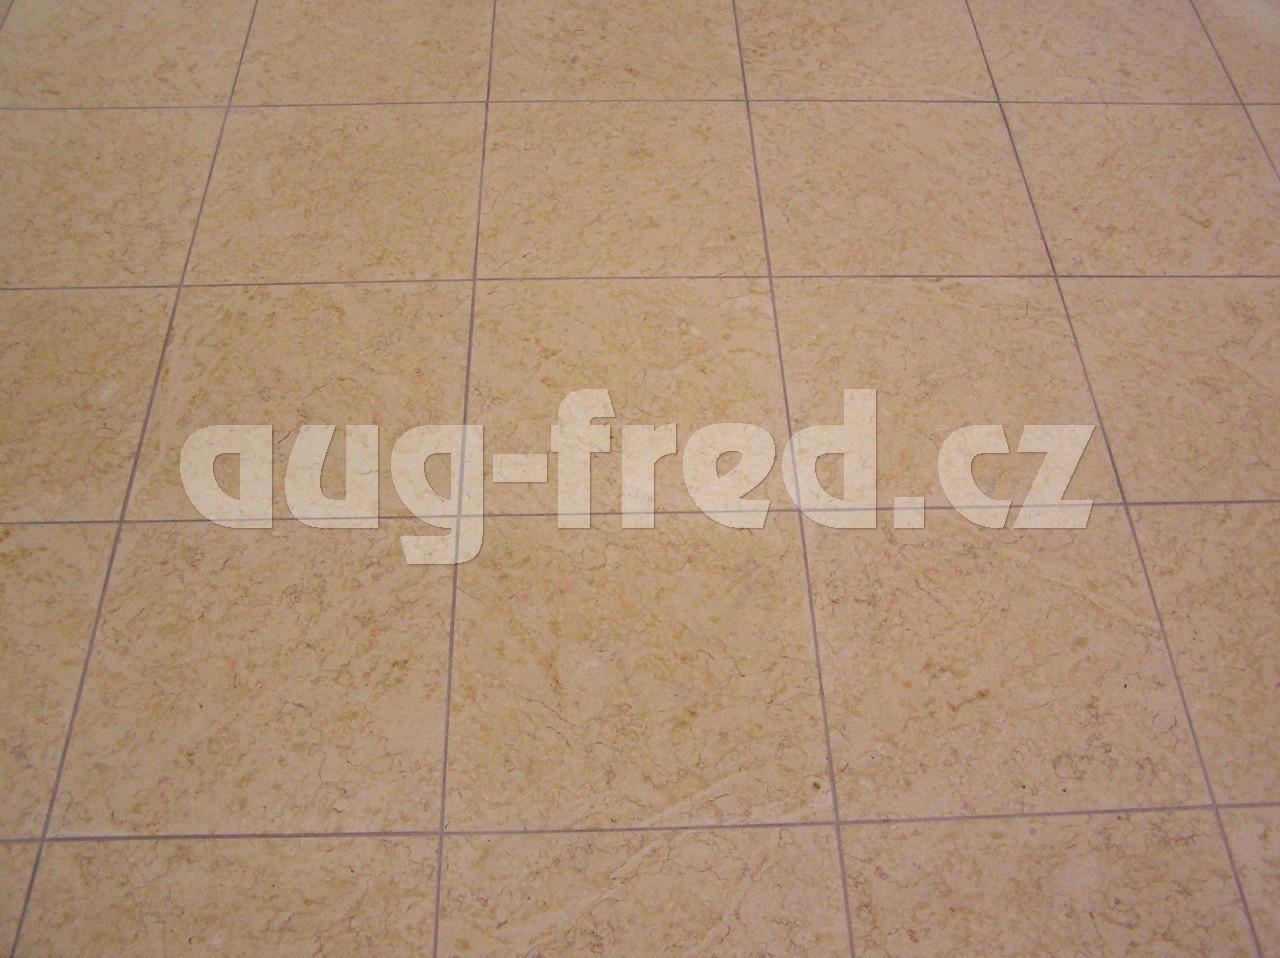 Pořiďte si luxusní mramorovou či žulovou dlažbu od společnosti AUG-FRED